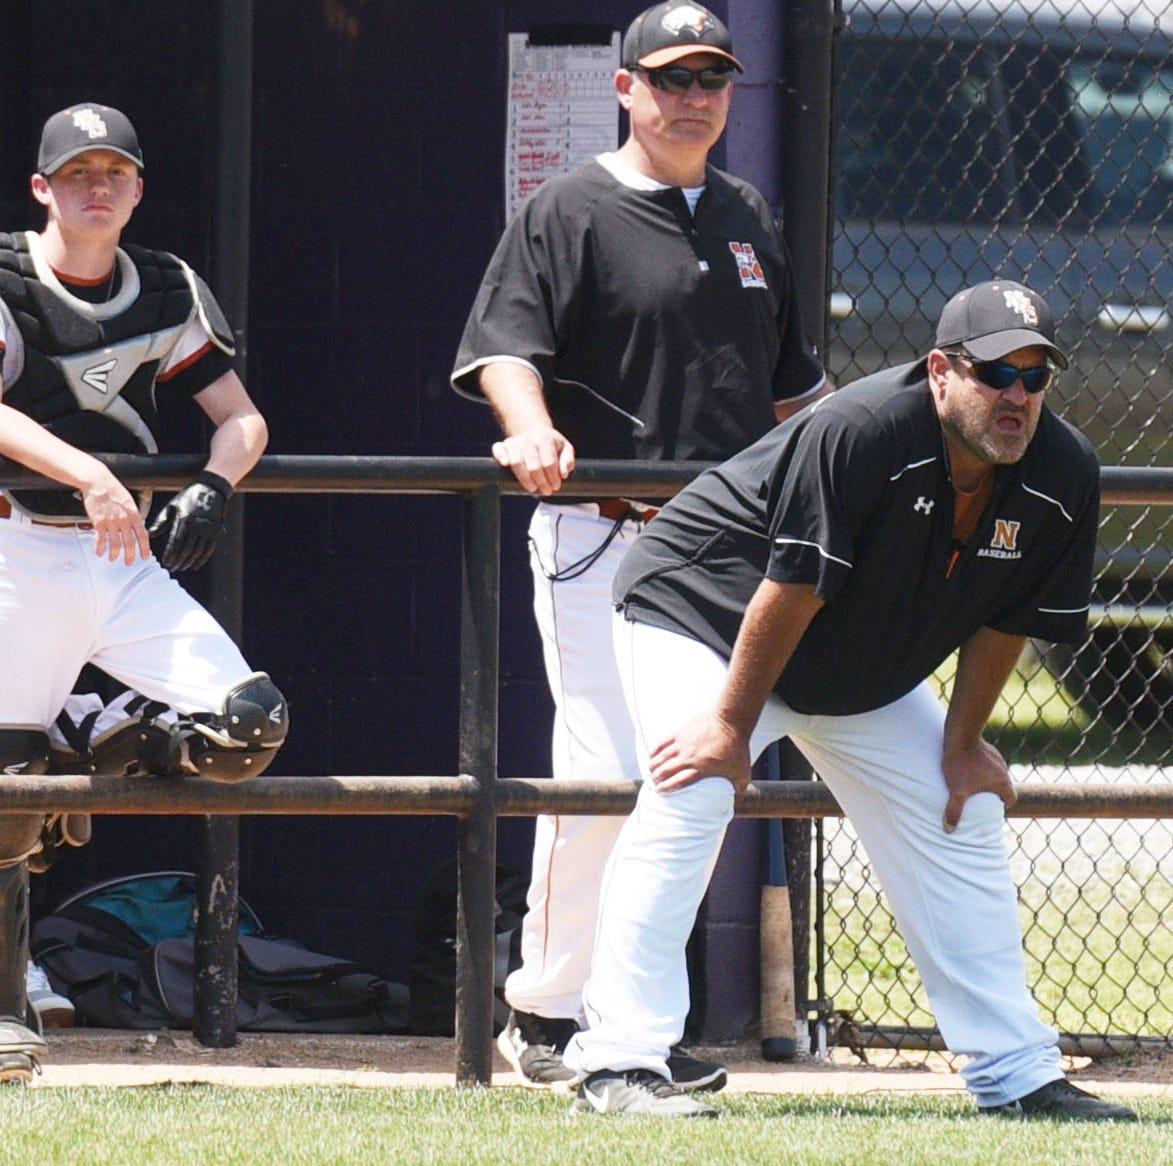 Dukes to leave Northwood baseball program